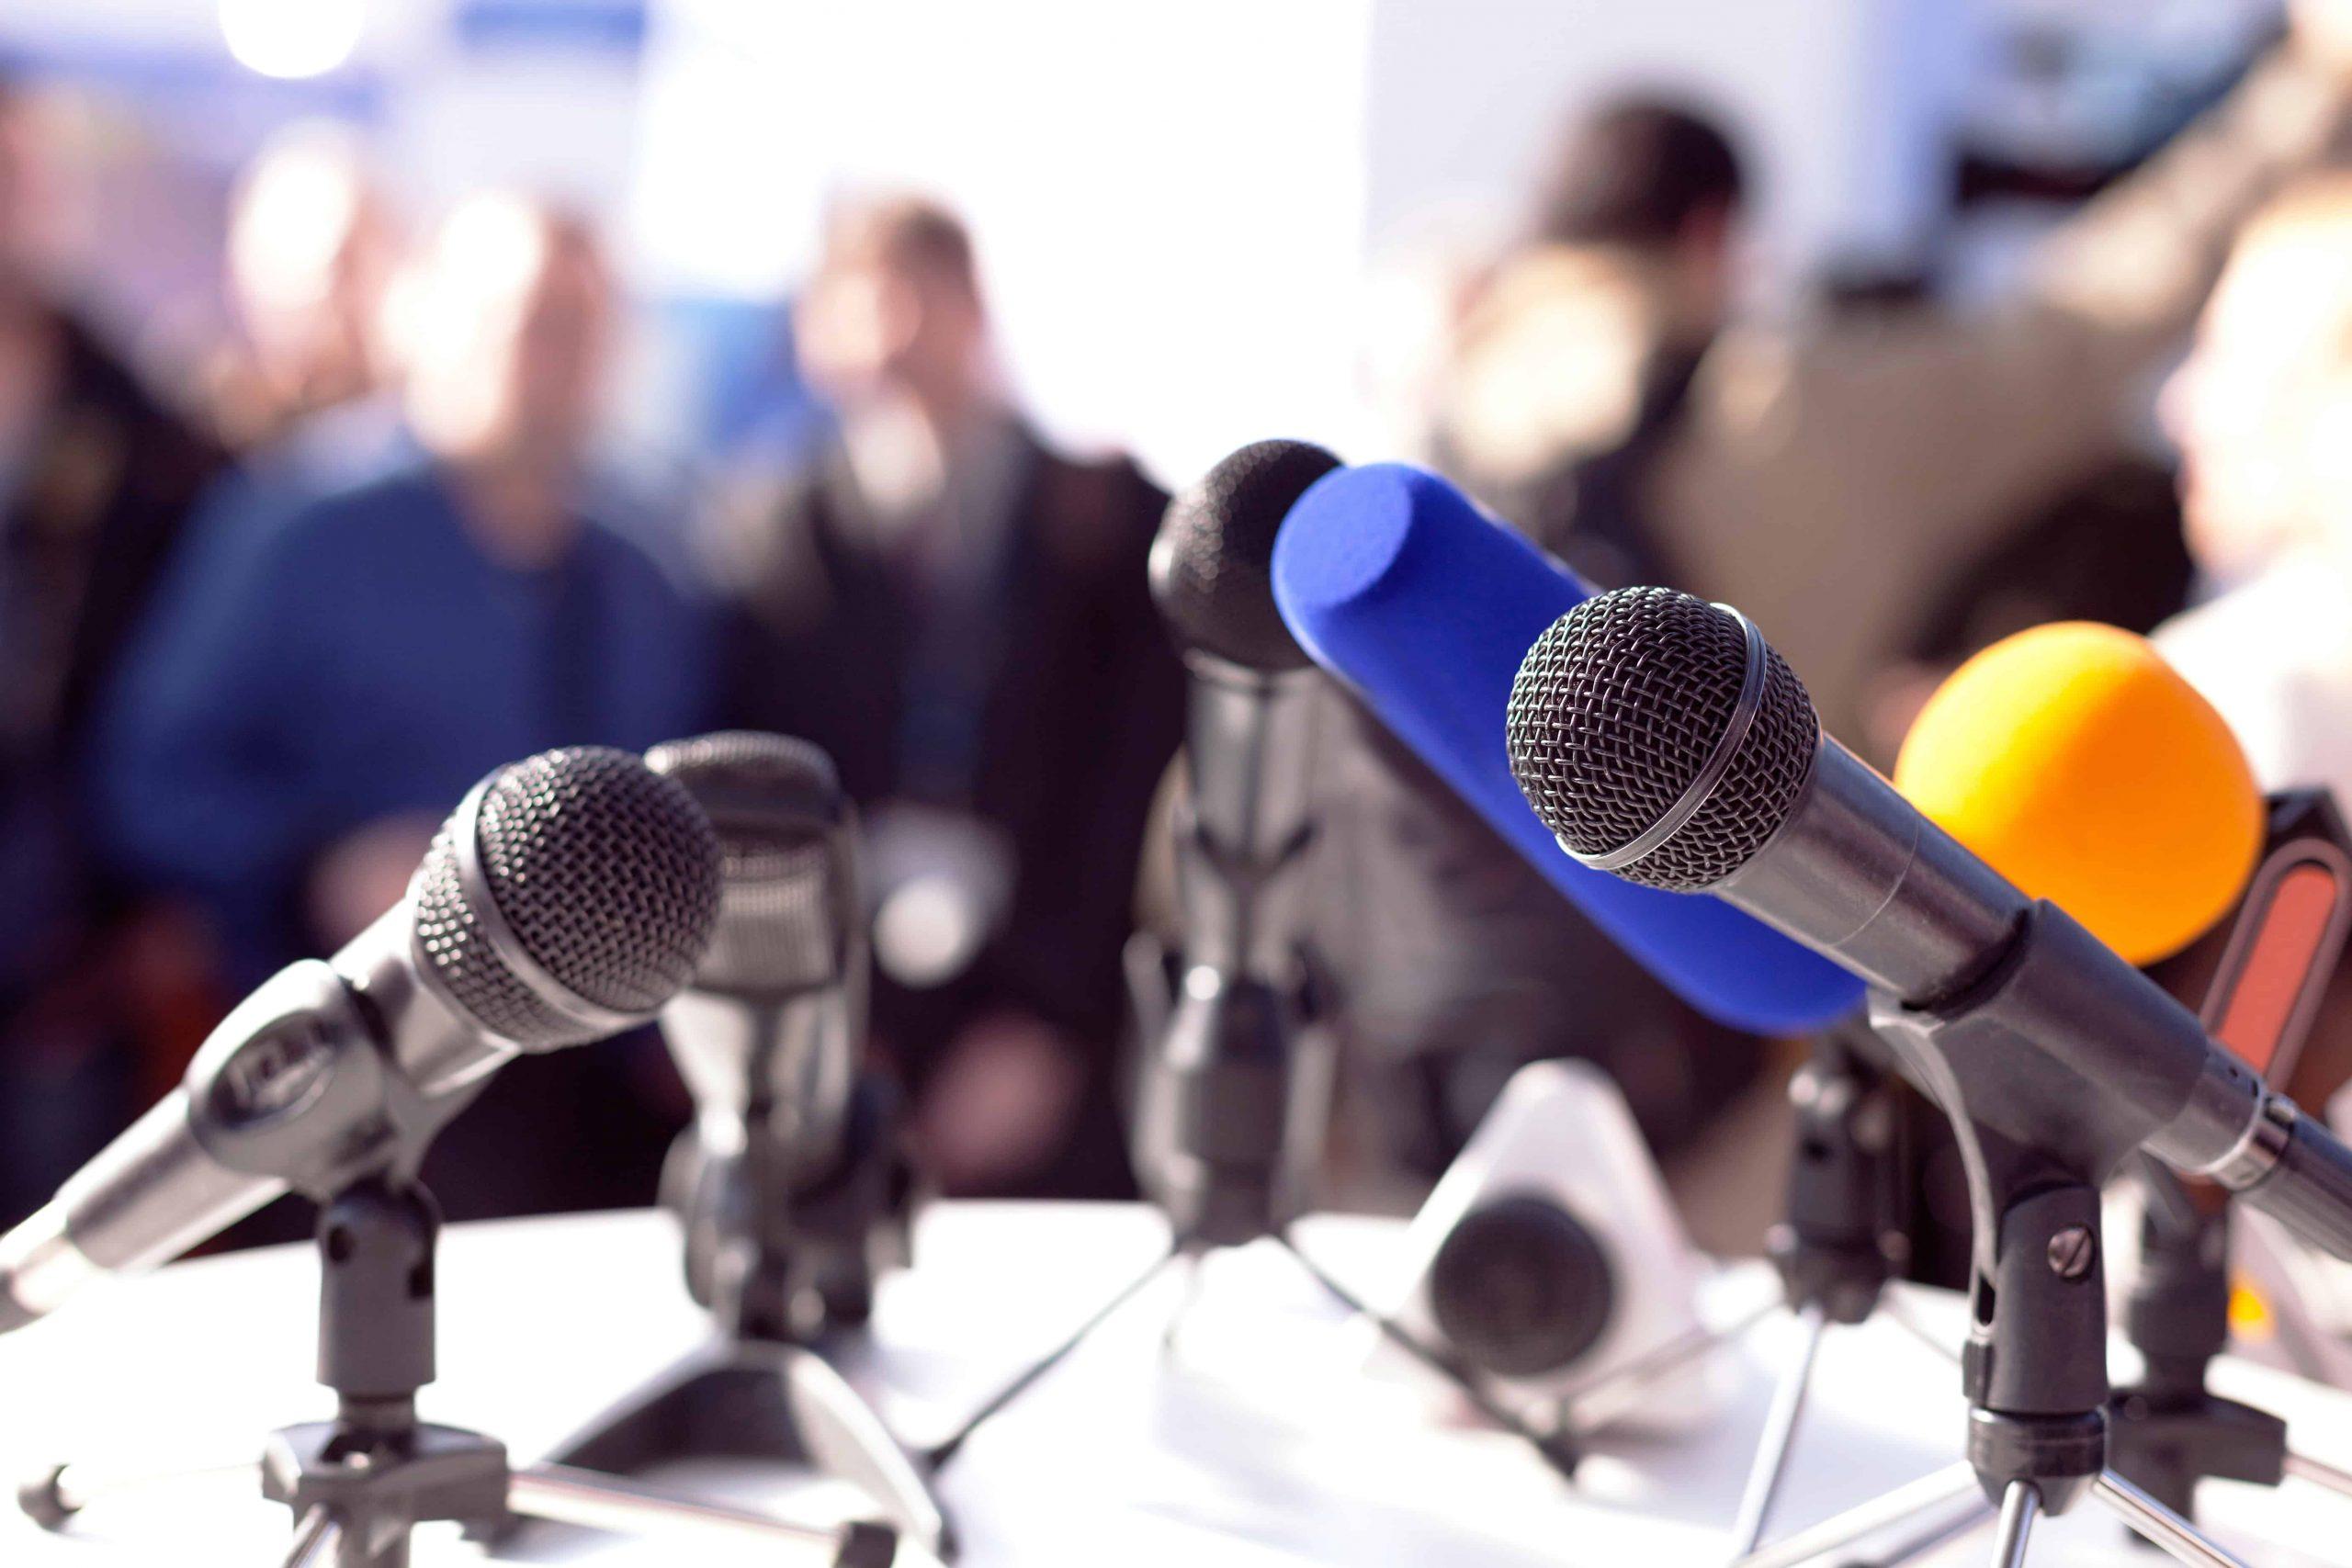 Draadloze microfoon: Wat zijn de beste draadloze microfoons van 2020?